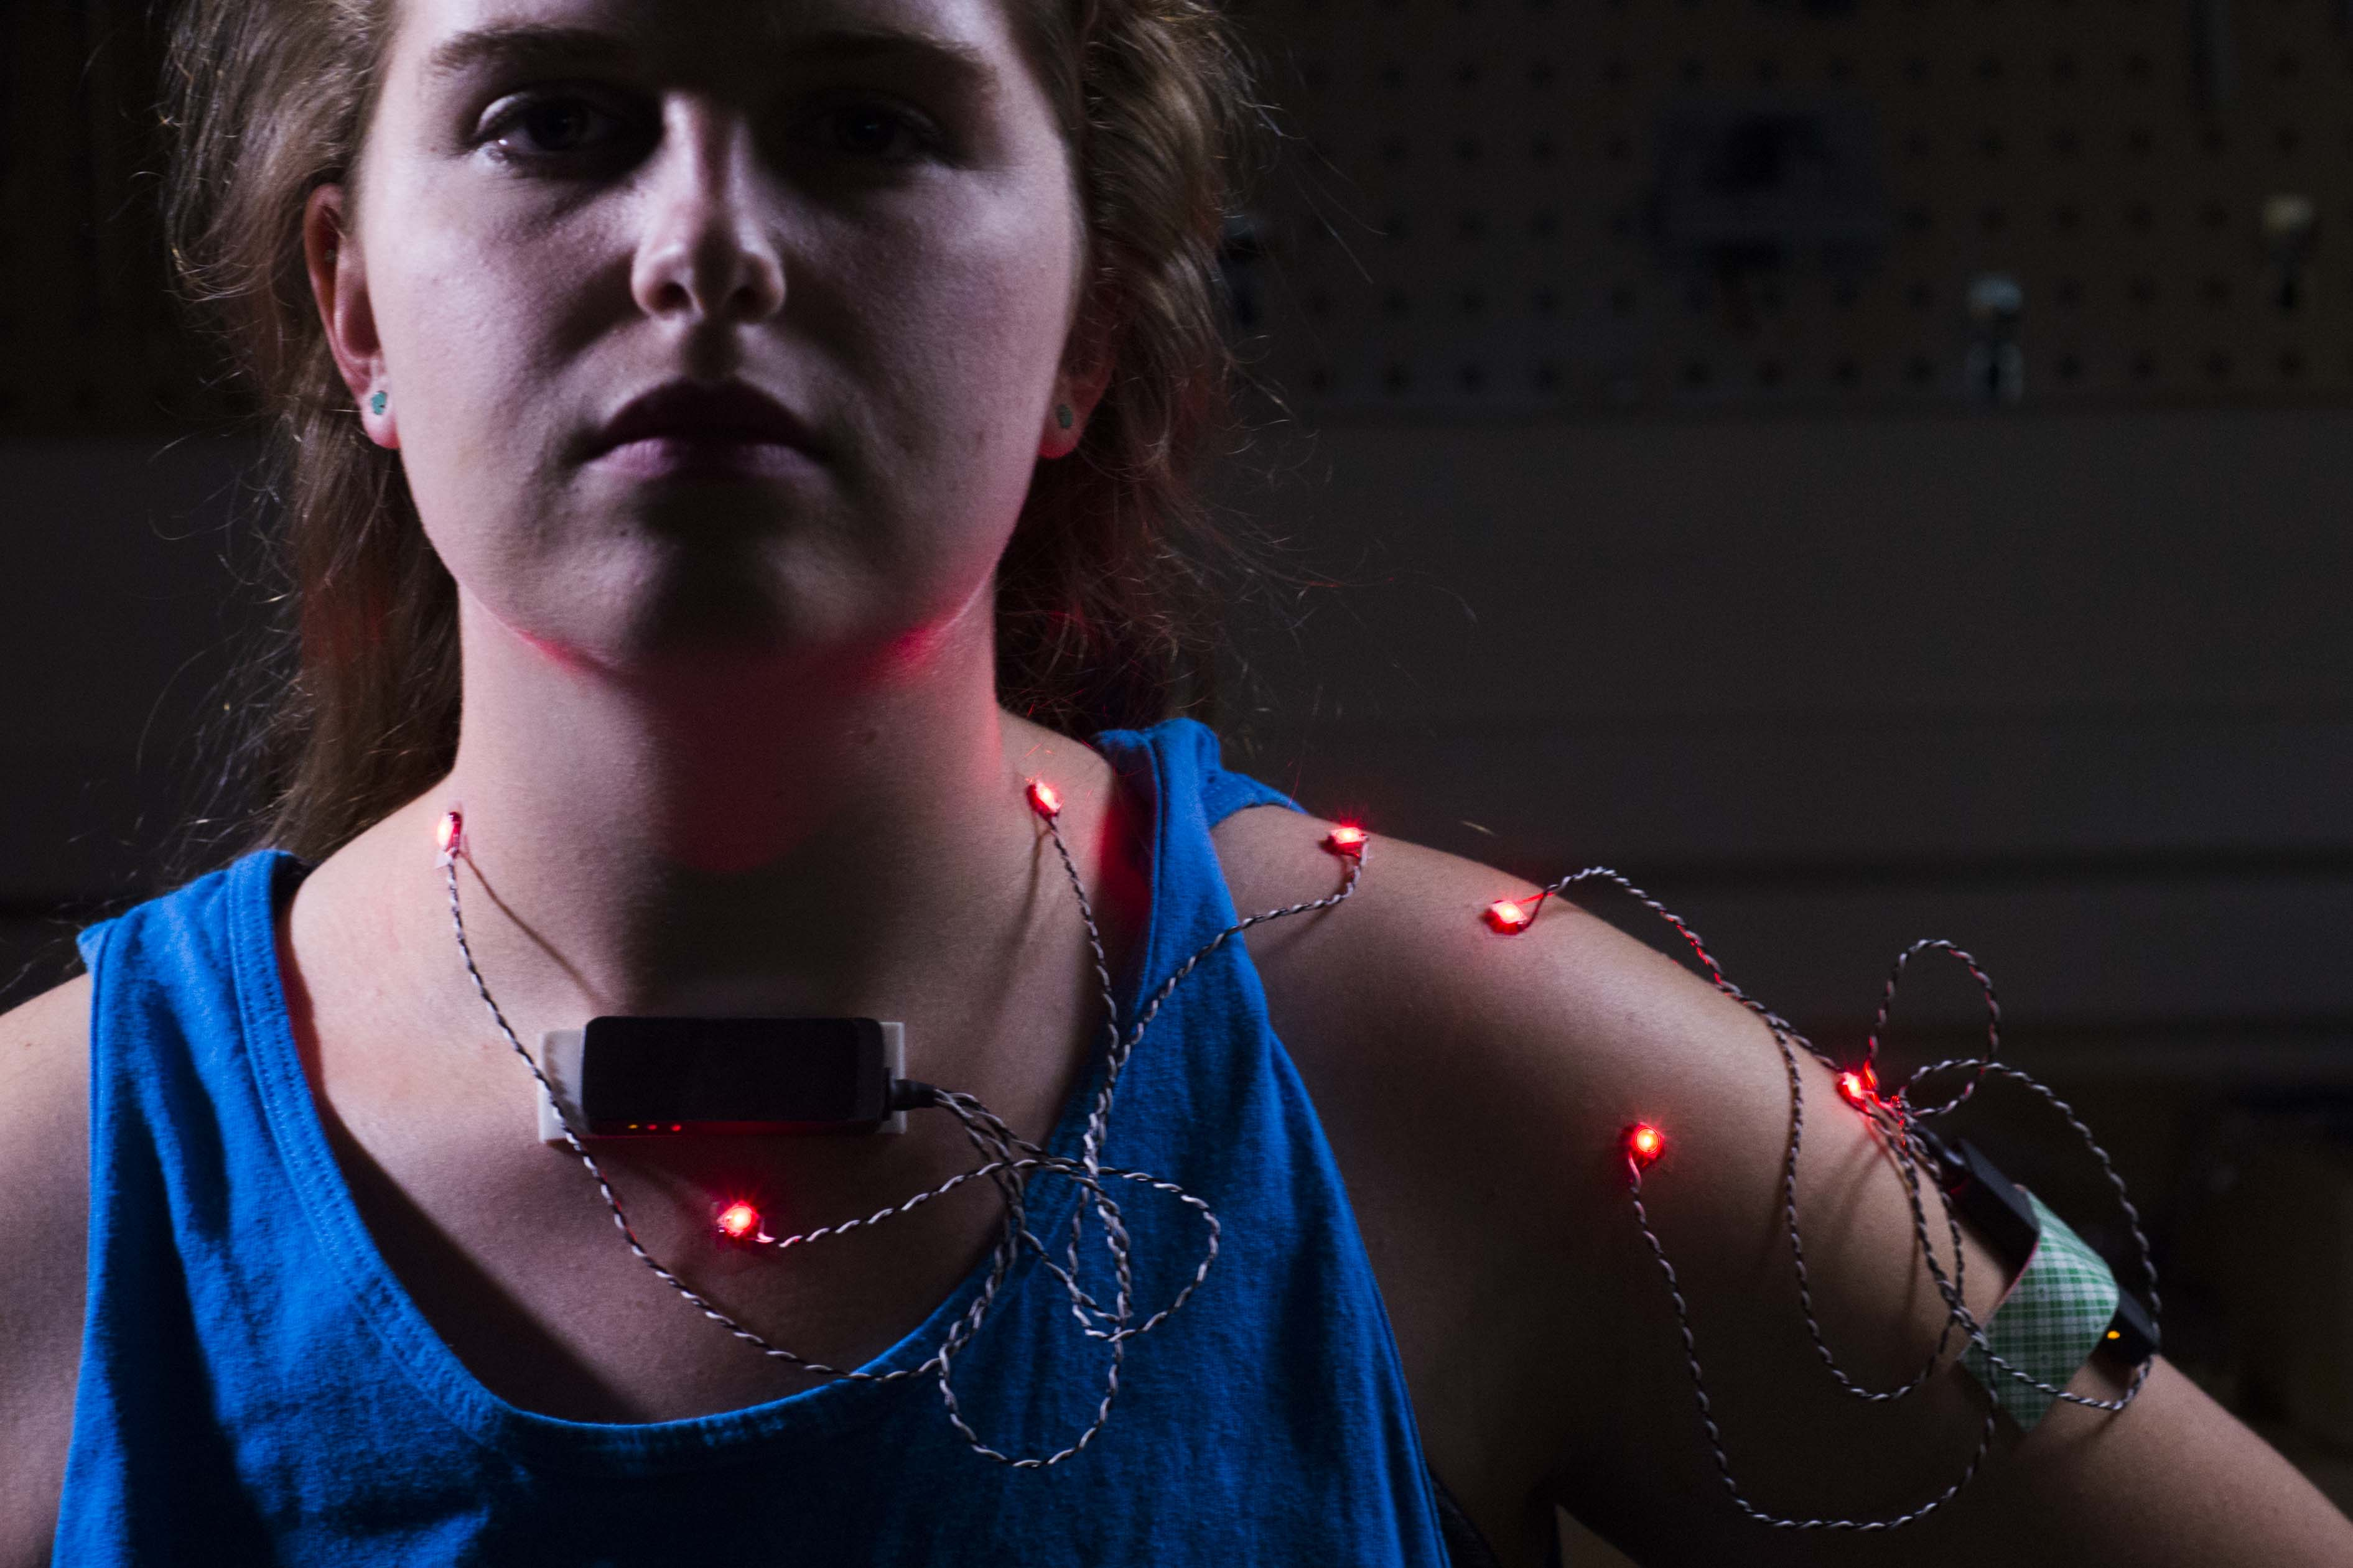 Engineering student Emma Nevendorff models sensors used to track shoulder motion